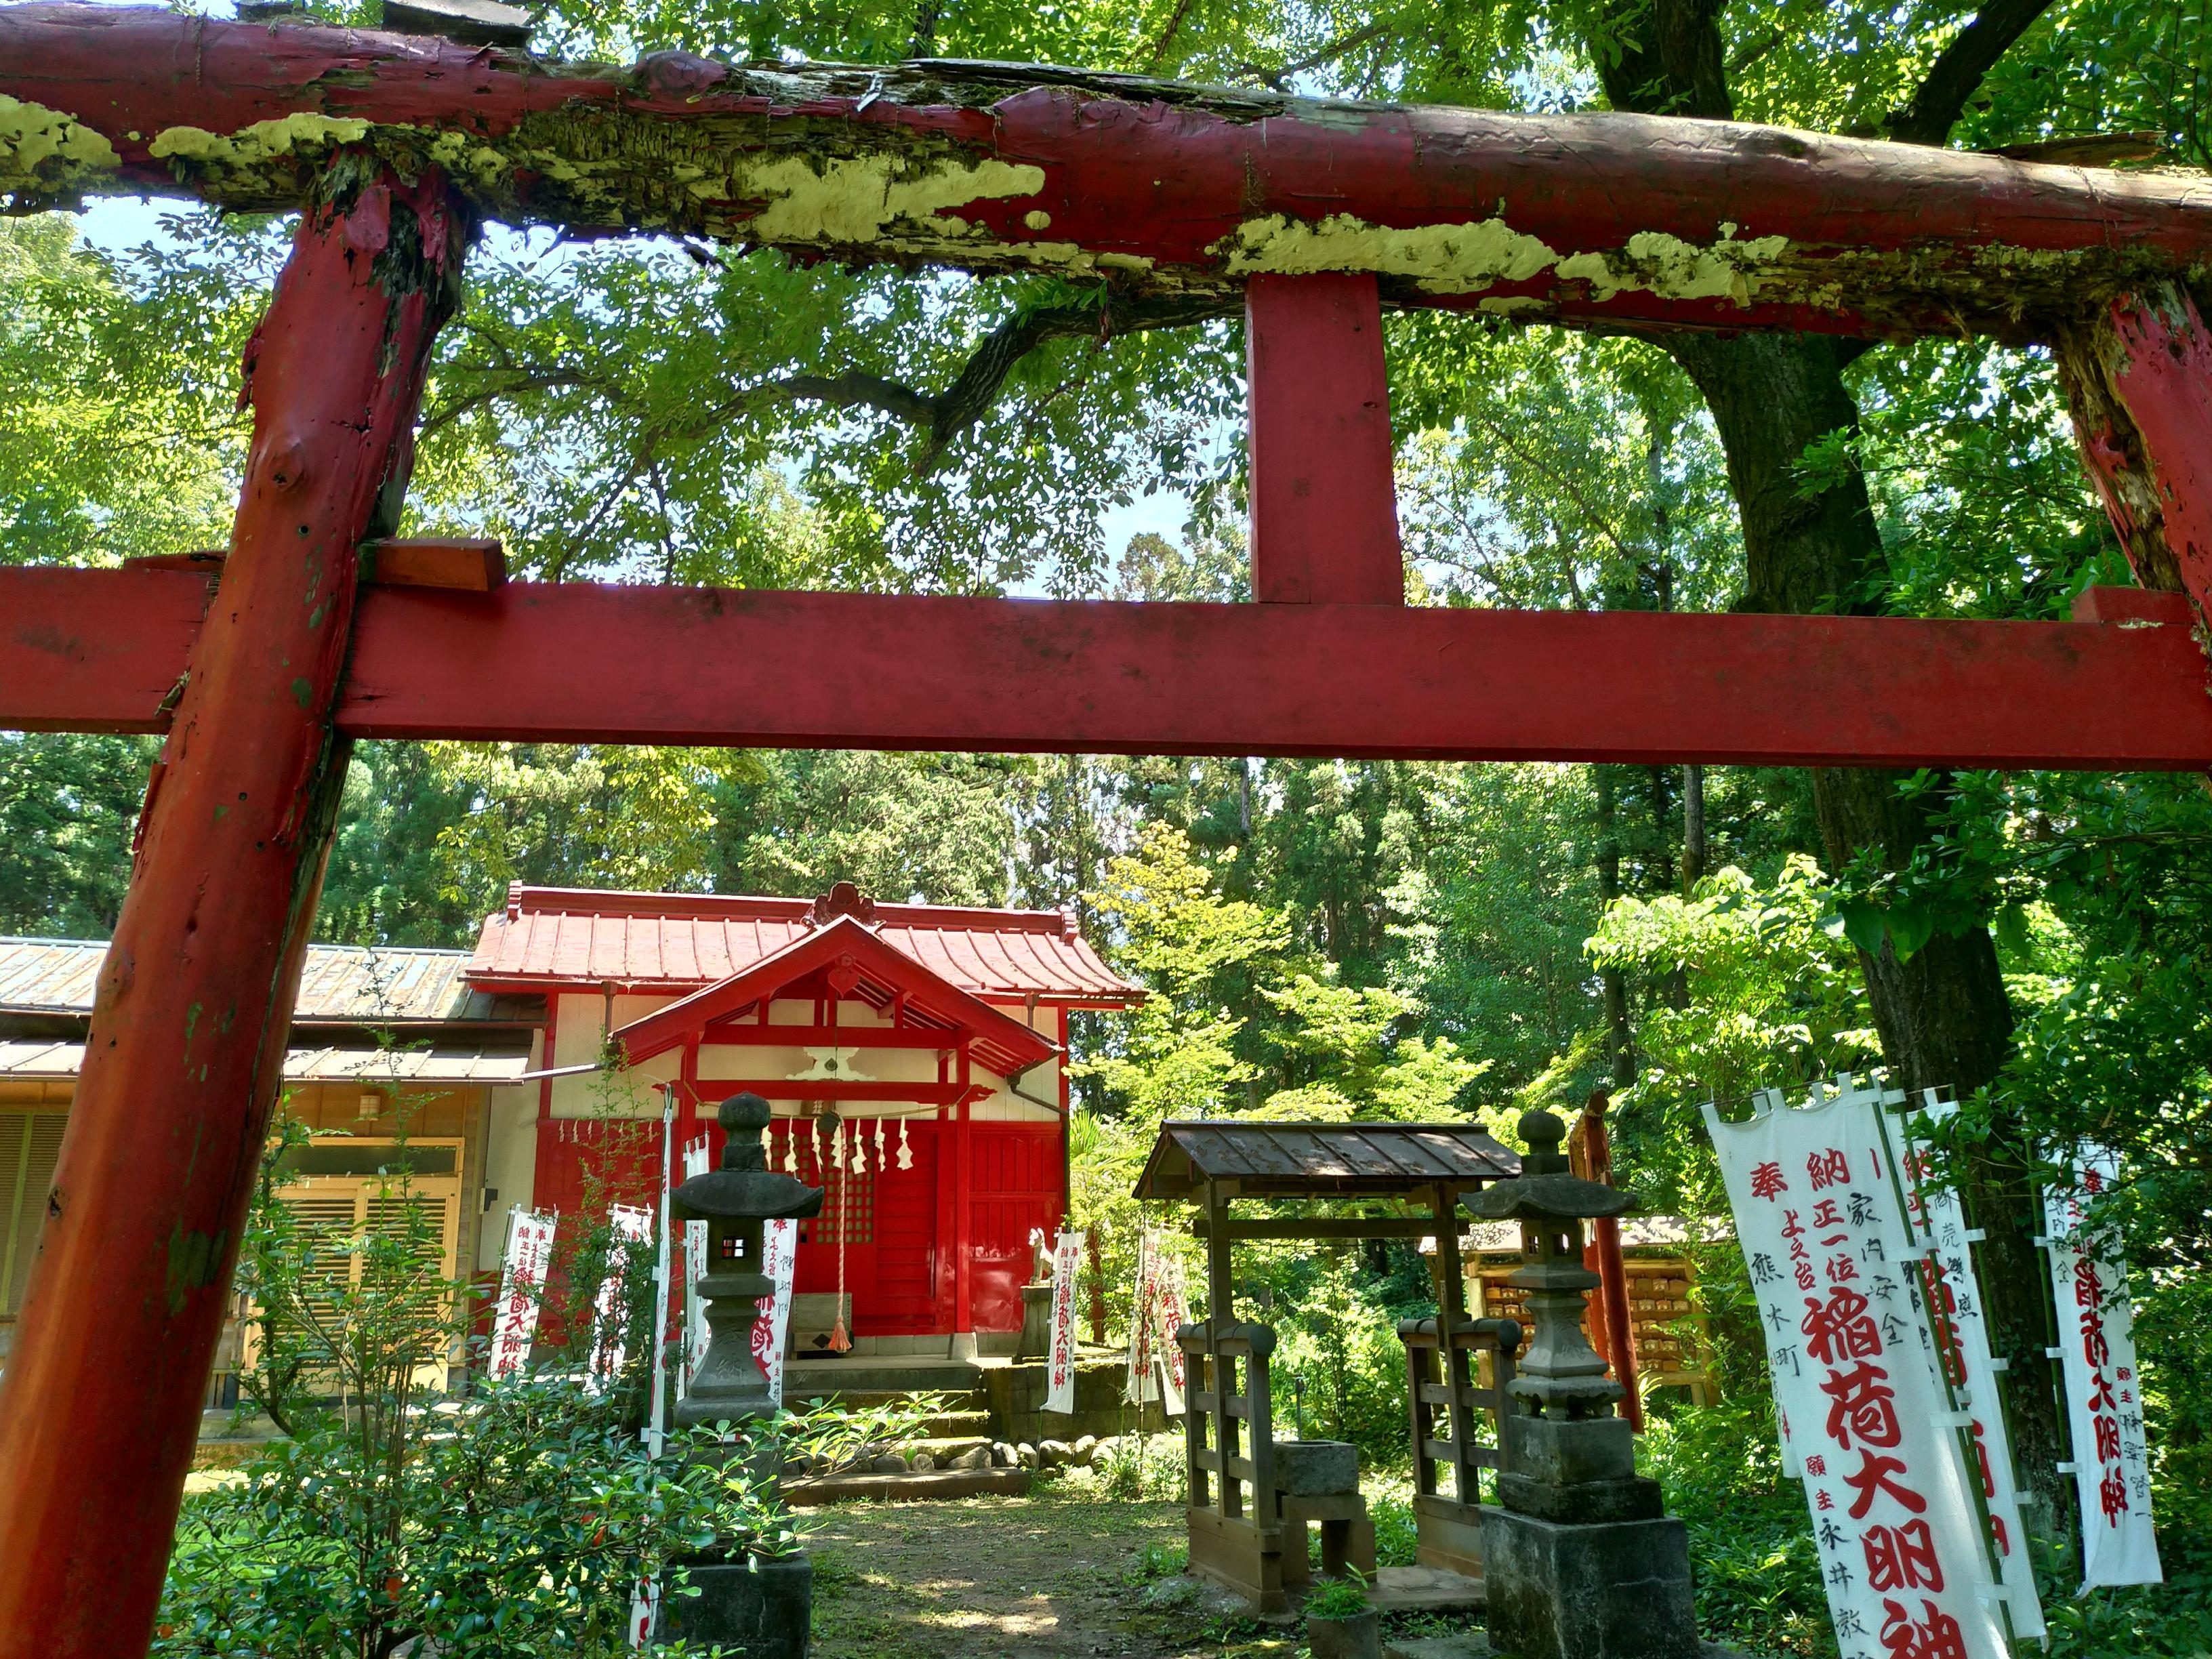 上之臺稲荷神社の鳥居